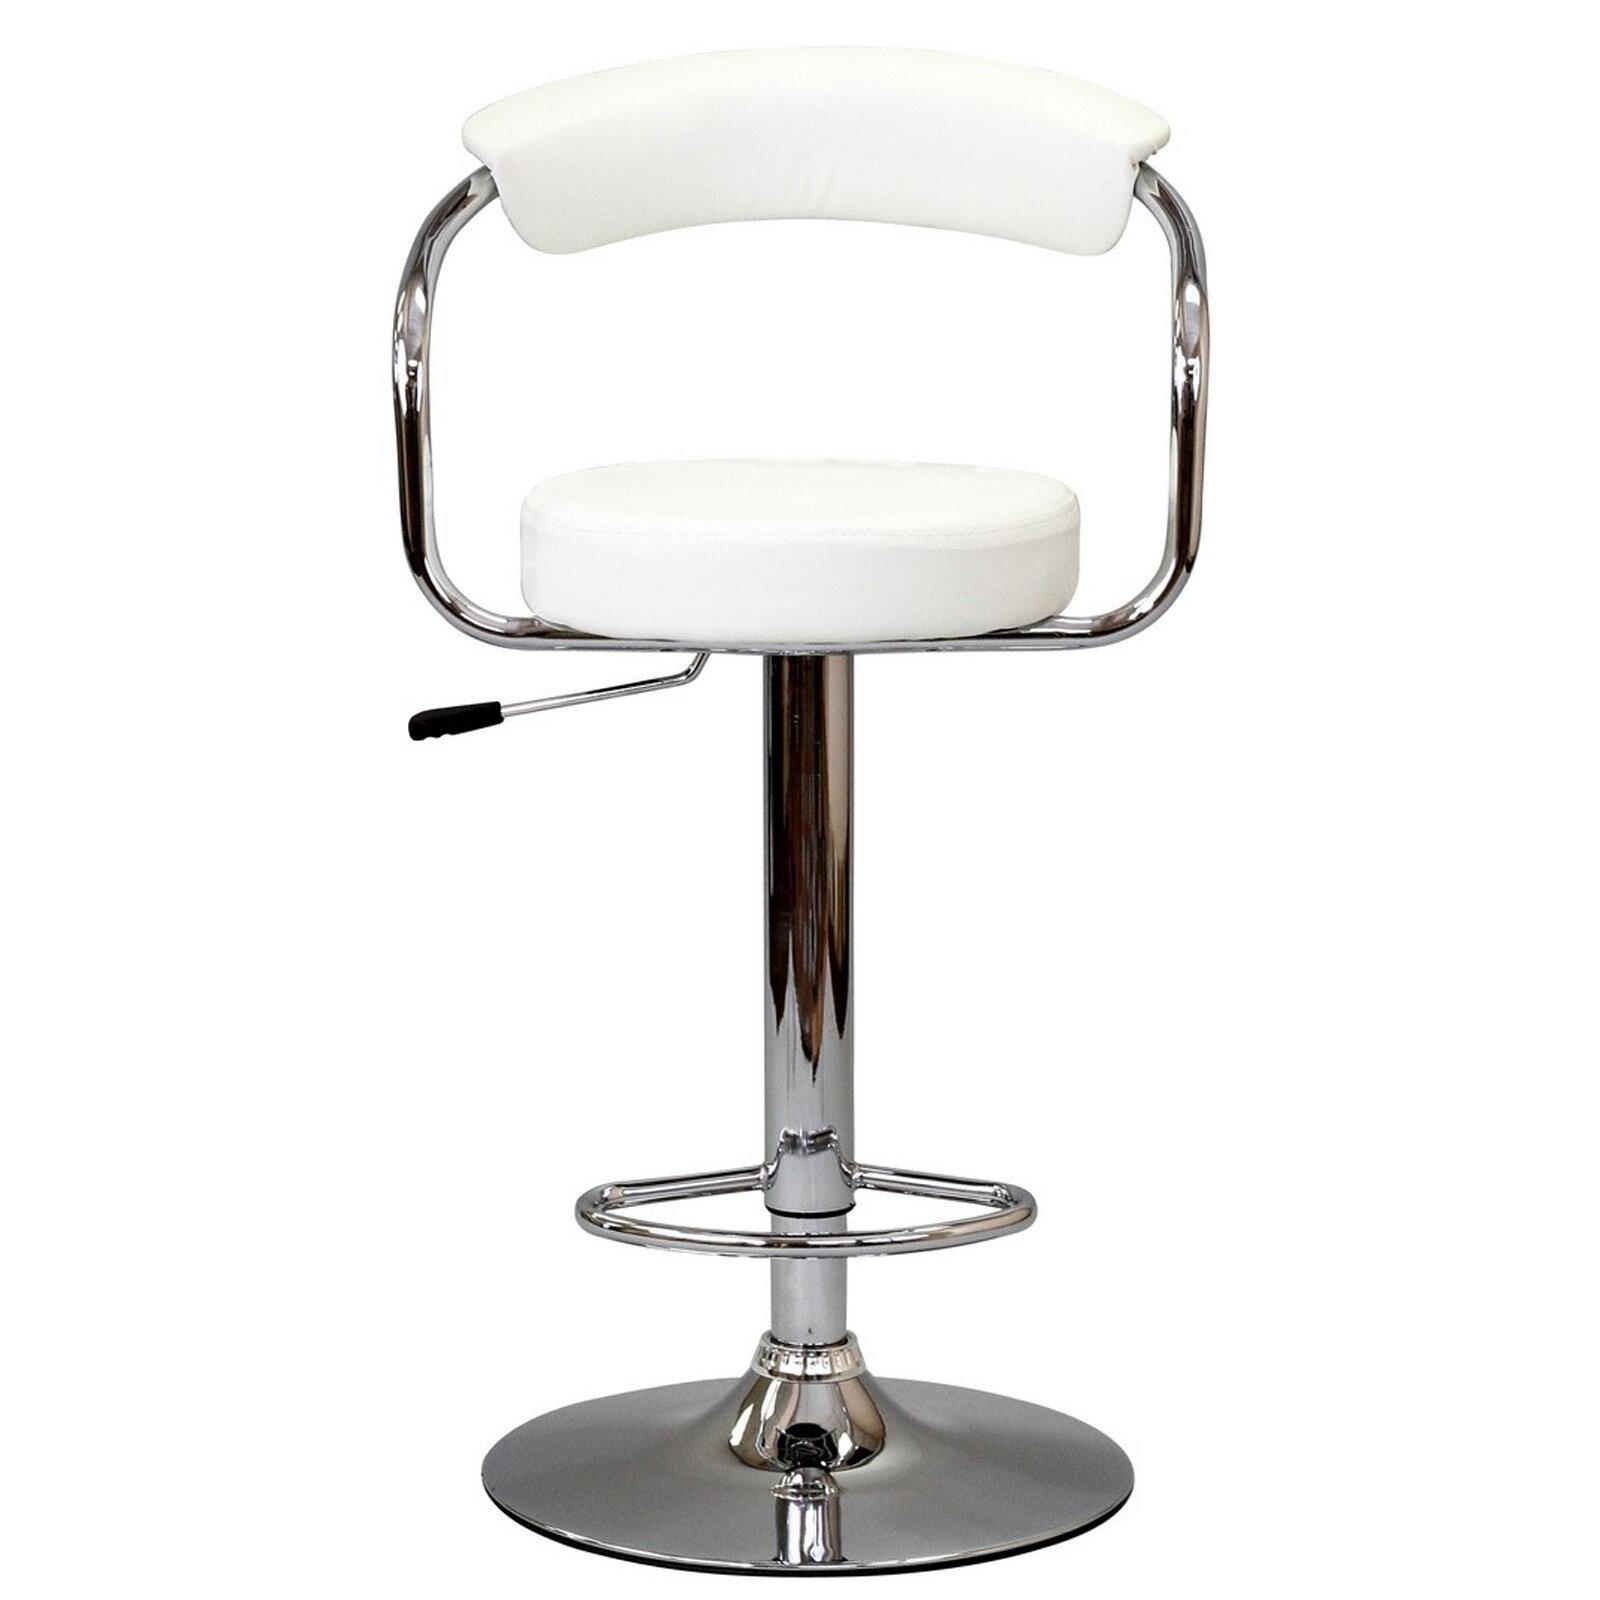 EEI-930-BLK Black Modway Furniture Diner Bar Stool Set of 2